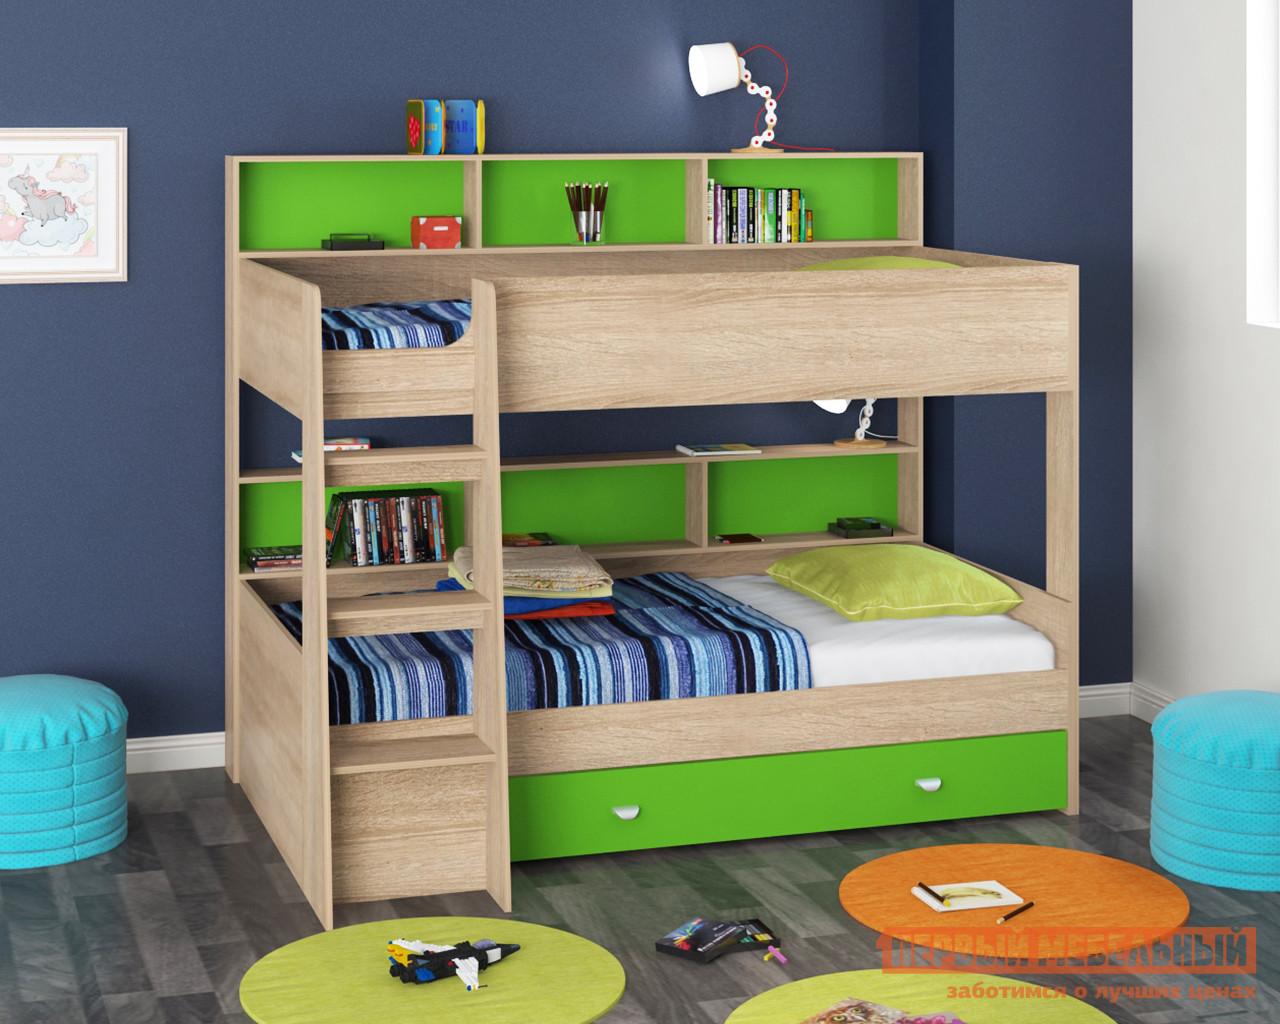 Кровать МФ 4 Сезона Golden Kids-1 Зеленый, Дуб сонома, Без матрасов МФ 4 Сезона Габаритные размеры ВхШхГ 1830x2075x1400 мм. Двухъярусная кровать — это настоящая находка для родителей.  Данная модель вместительна, практична и удобна в использовании.  В основании кровати находится глубокий ящик, в нем можно хранит постельные принадлежности, детские вещи или игрушки.  Каждый ярус дополнен полочкой, на которой дети смогут разместить любимые книжки, игрушки и поделки. <br>Верхнее спальное место ограждено бортиком, который защитит ребенка во время сна.  Лестницу можно установить как с левой стороны, так и с правой. <br><br>Спальное место нижнего яруса (ШхГ): 900 х 2000 мм. <br> Спальное место верхнего яруса (ШхГ): 900 х 2000 мм. <br>Максимальная нагрузка на одно спальное место составляет 80 кг. <br><br> Комплекс универсальный: собирается на любую сторону. <br>Изделие выполнено из ЛДСП. <br />Основание под матрас — фанера. <br>Обратите внимание! Матрас для кровати в комплект не входит, его необходимо приобретать отдельно.  Ознакомиться с моделью матраса вы можете в разделе «Аксессуары». <br>